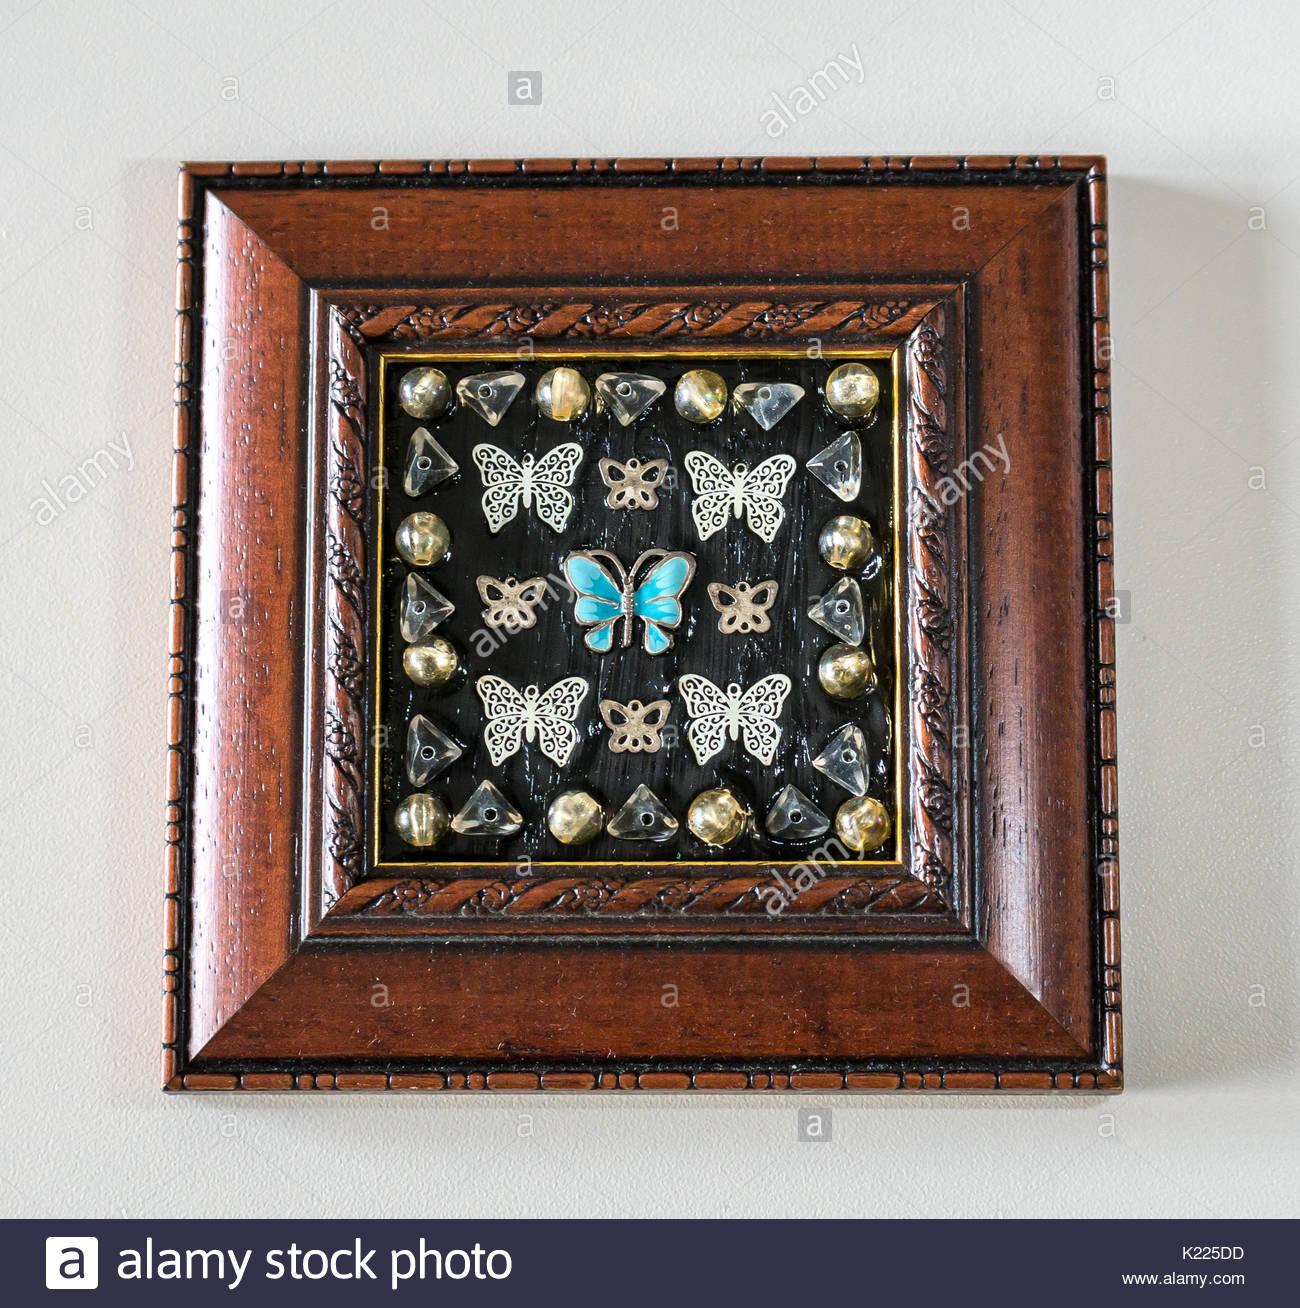 Handgefertigte Kunst mit Schmetterling schmuck Stücke eine gerahmte ...